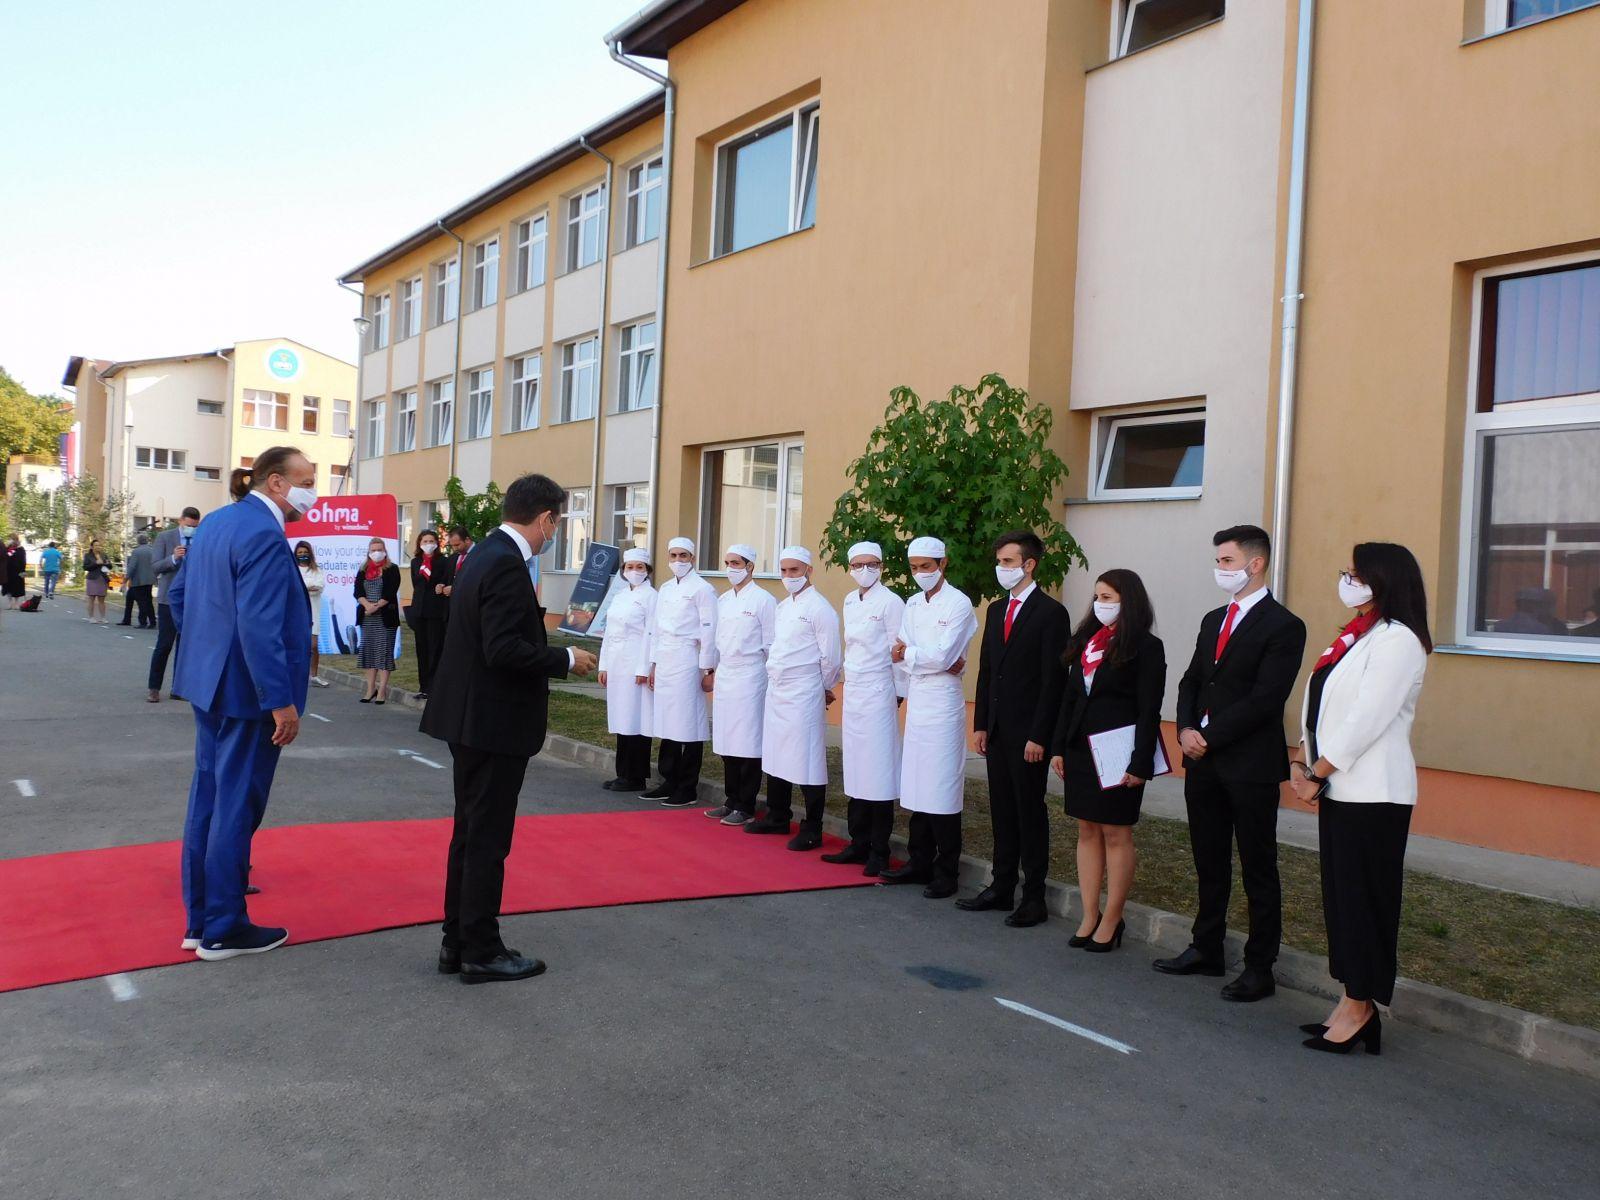 După ce vor deschide anul acesta o academie hotelieră la Brașov, elvețienii de la Winsedswiss se vor extinde cu noi astfel de centre educaționale în țară